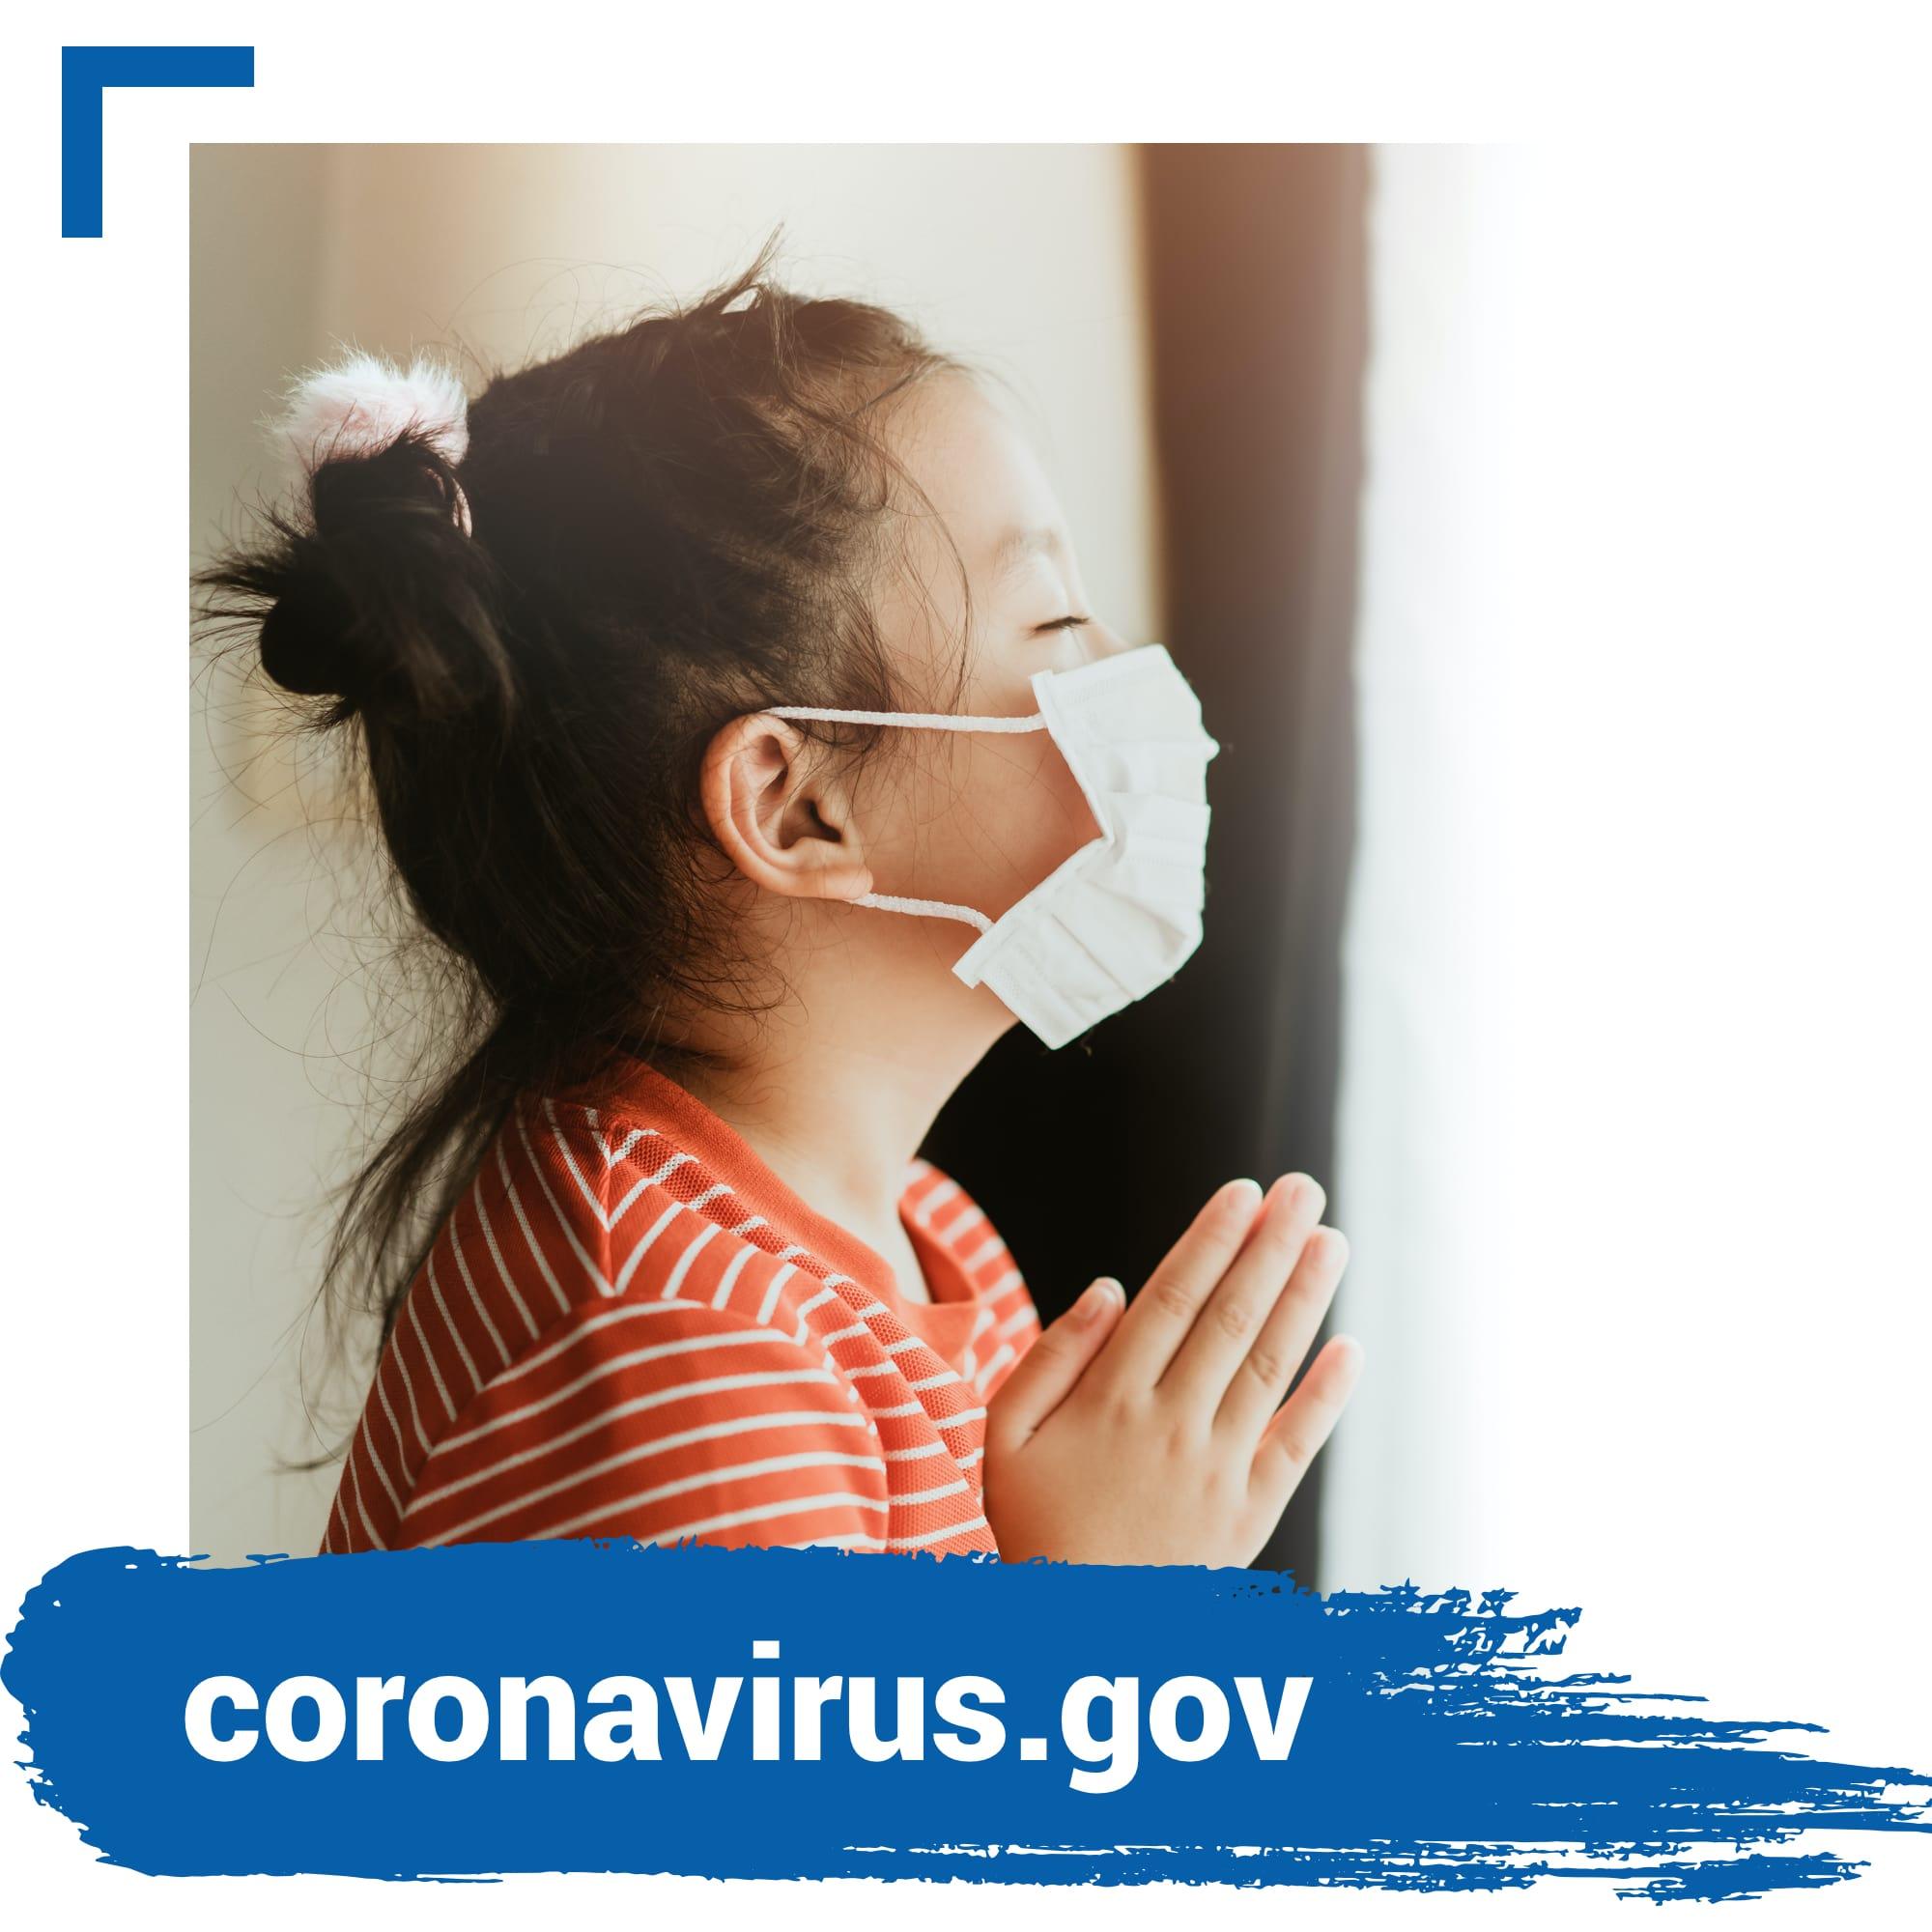 Info About Coronavirus